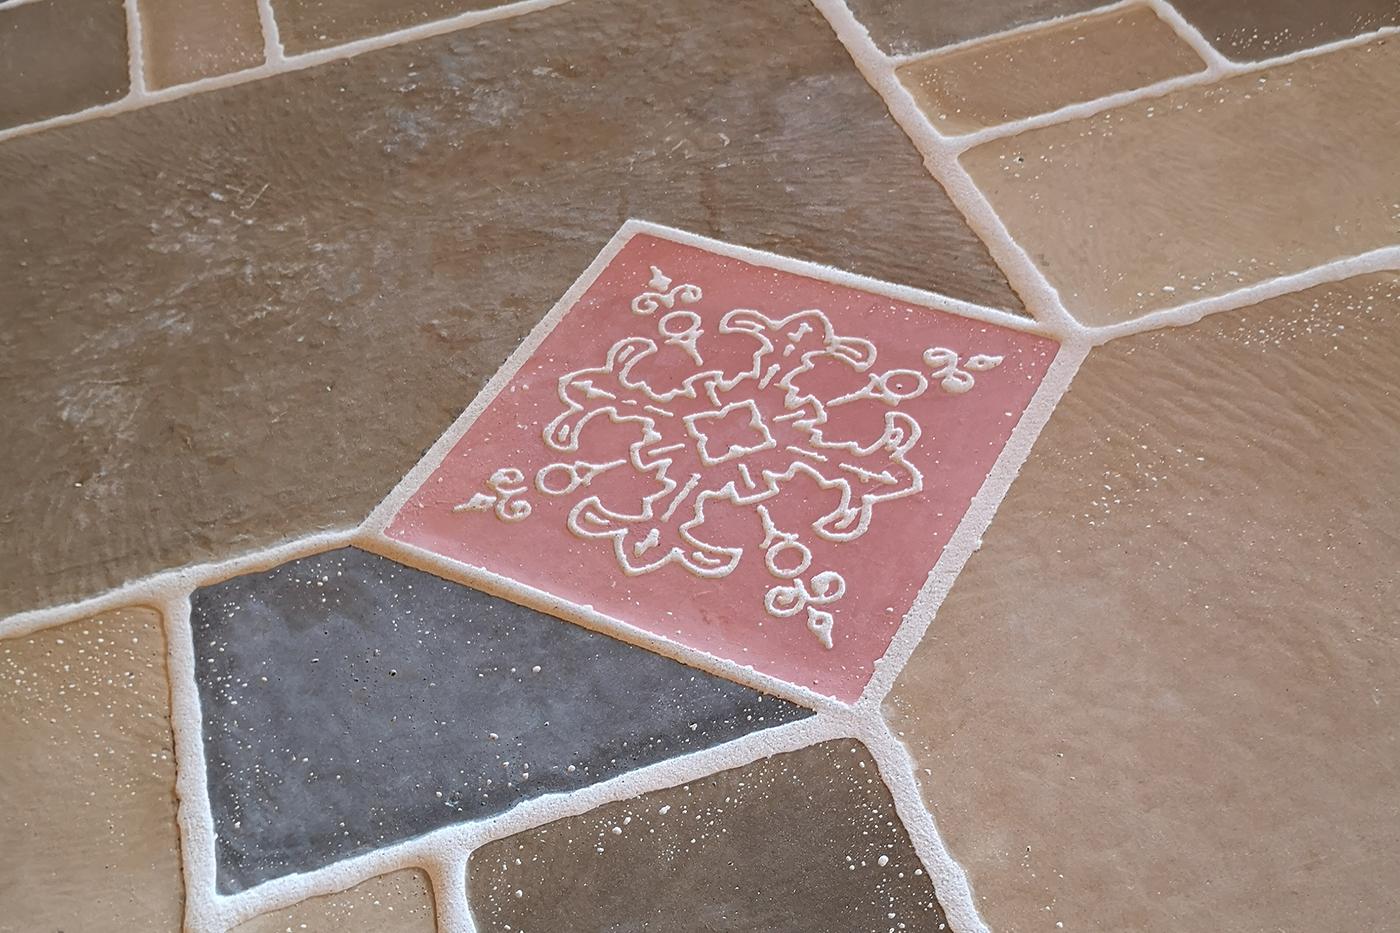 Beltéri padlólapok, Különleges dekorációs burkolatok, Kültéri burkolatok, Pinceburkolatok